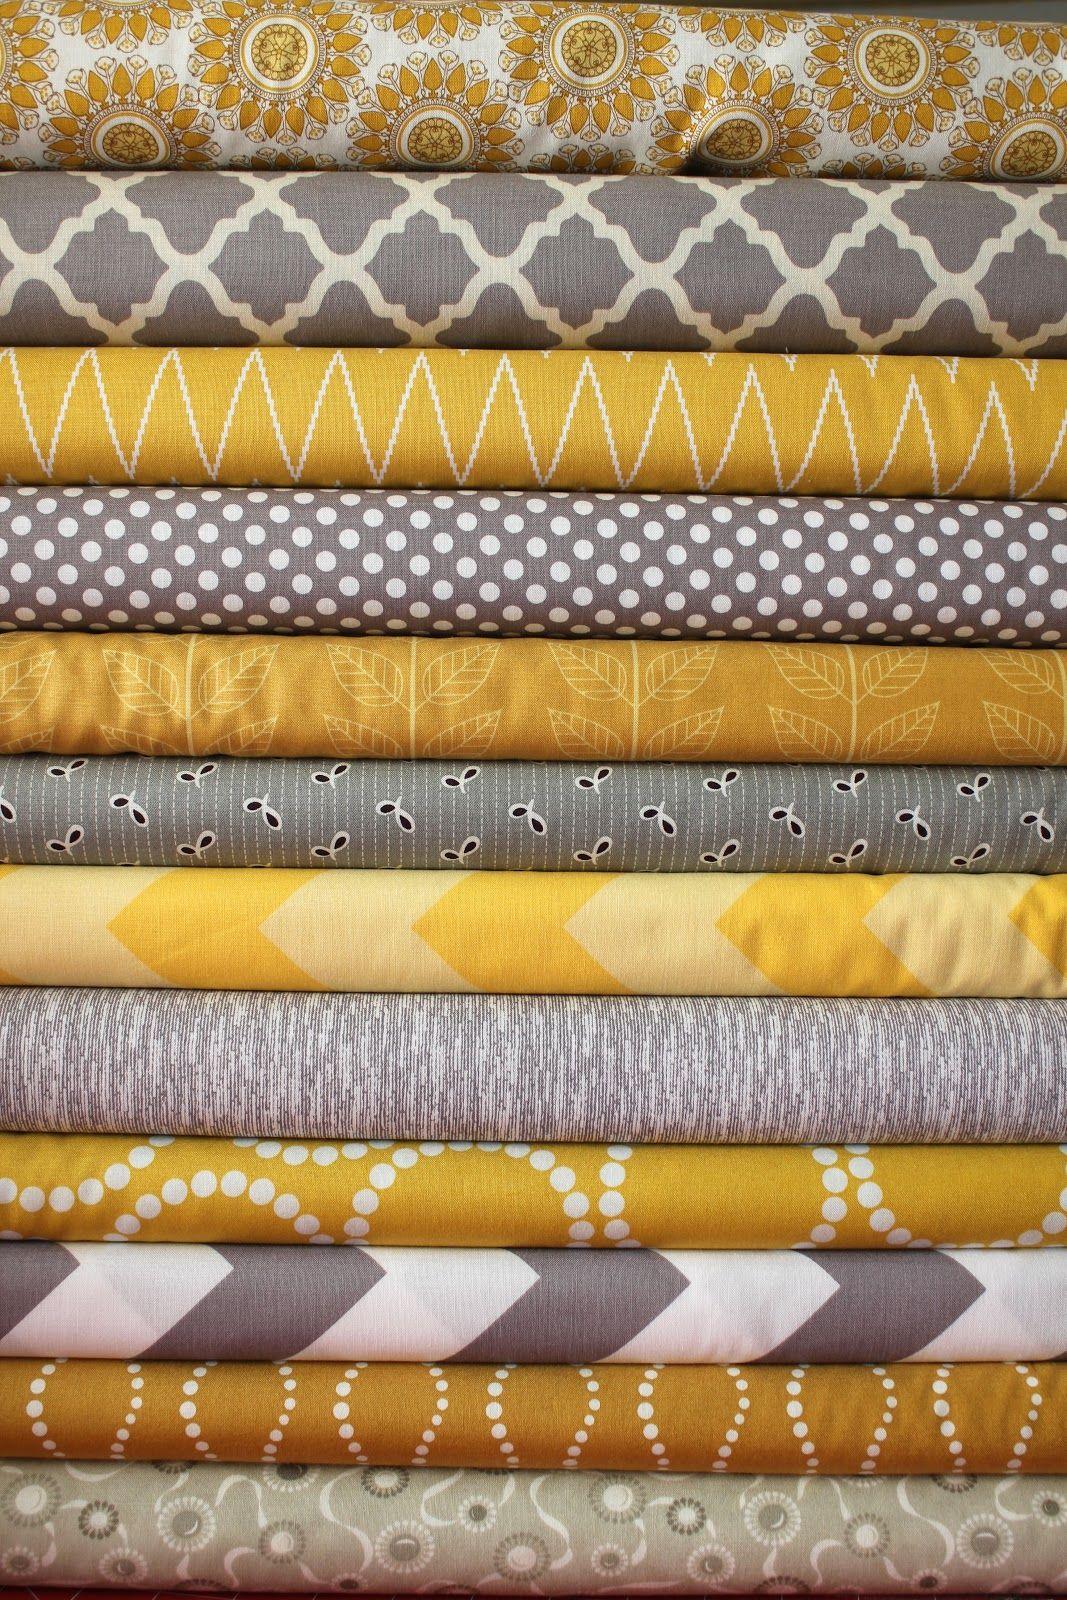 les 25 meilleures id es de la cat gorie tissus sur pinterest artisanat autour du tissu. Black Bedroom Furniture Sets. Home Design Ideas